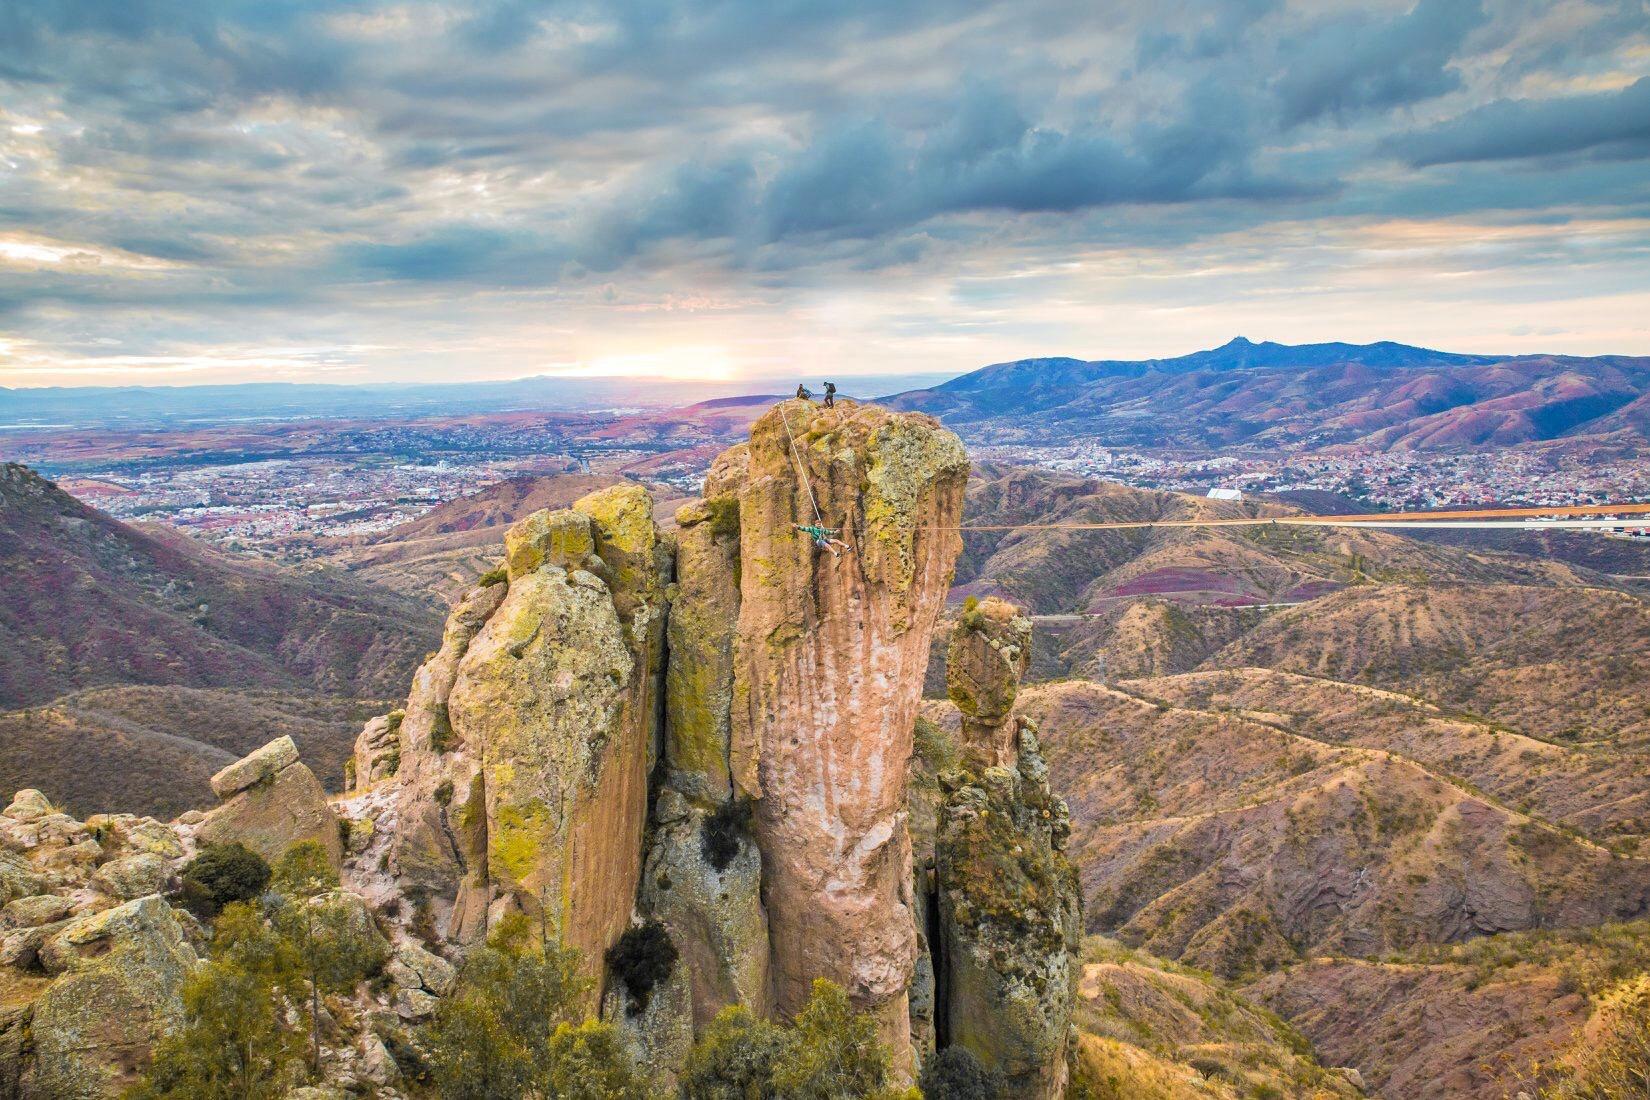 Una increíble ruta por las sierras, montañas, bosques y presas de Guanajuato capital 🌿 ⛰️